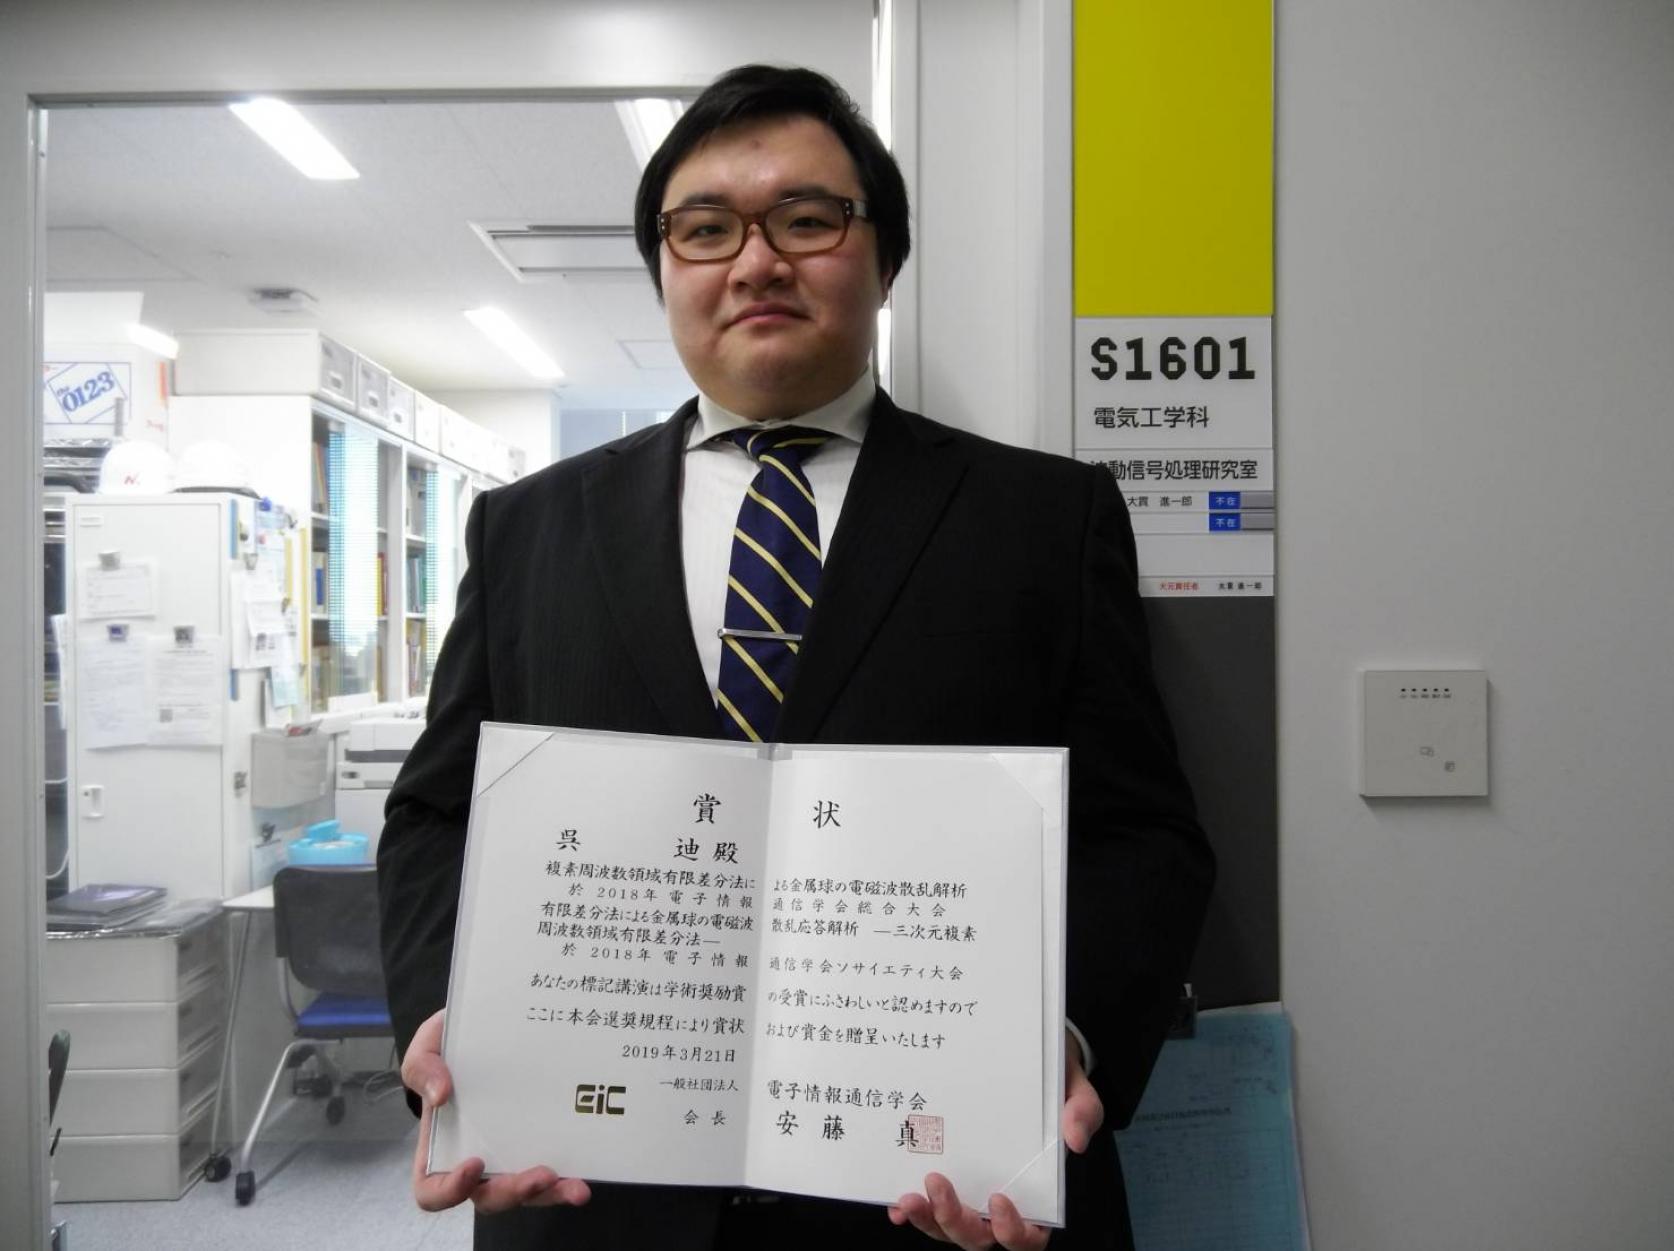 電気工学専攻博士後期課程の呉迪さんが「平成30年度電子情報通信学会」において、学術奨励賞を受賞しました。